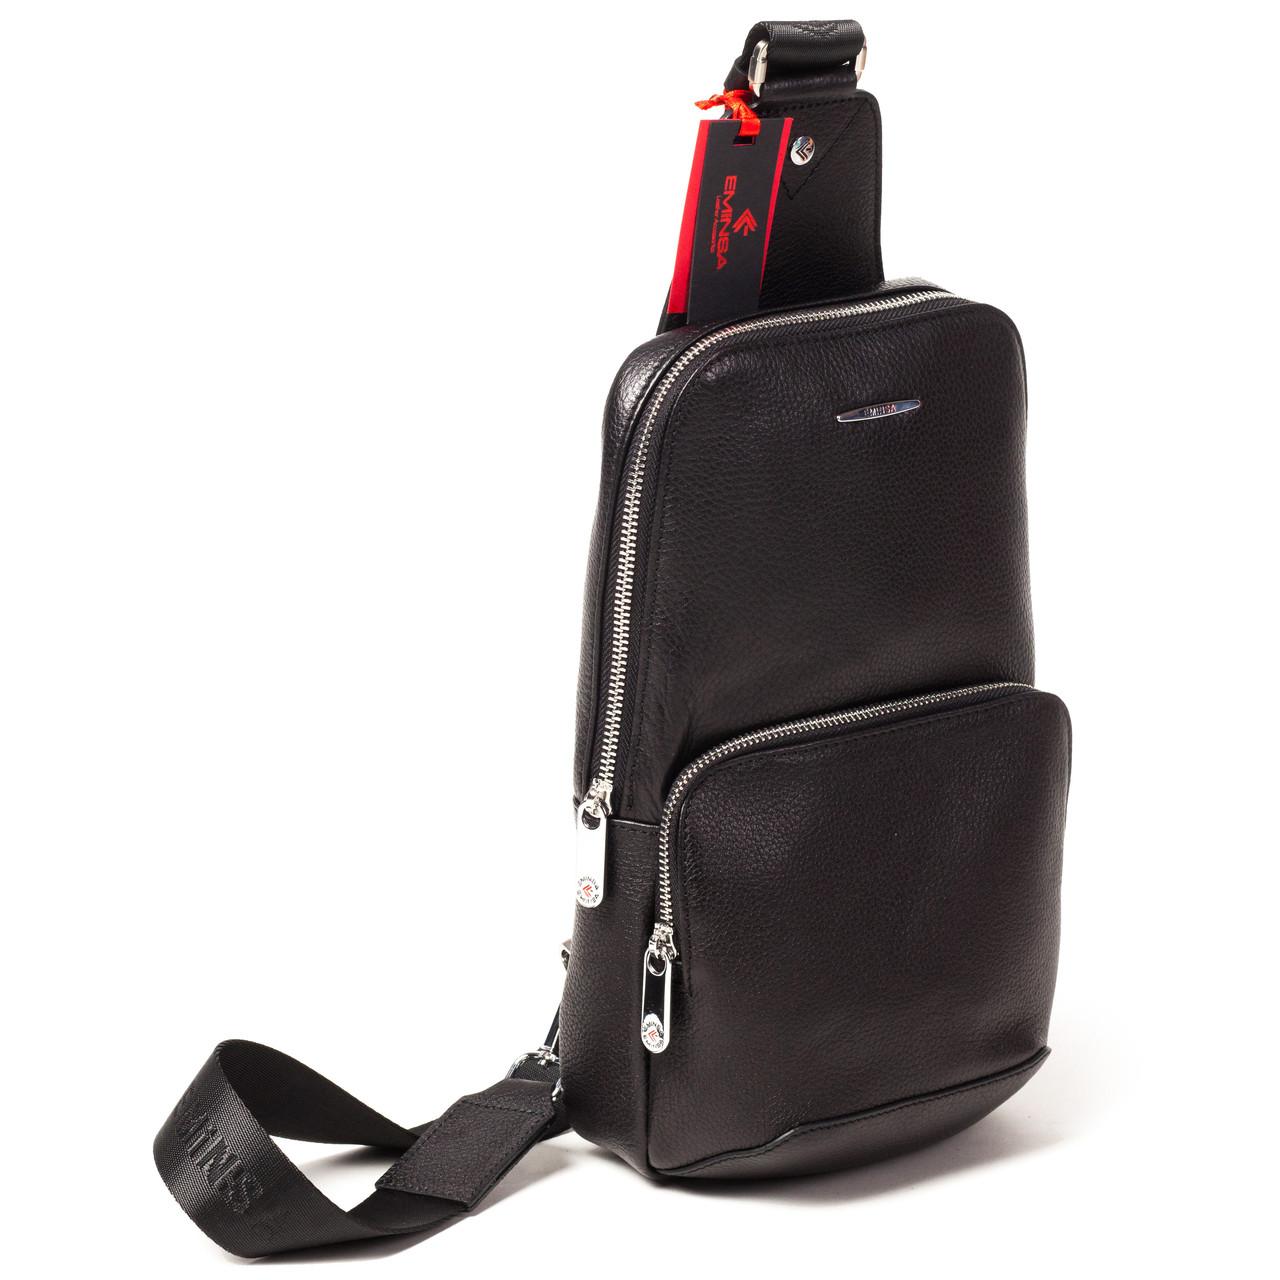 Мужской городской рюкзак Eminsa 40101 17-1 из натуральной кожи черный